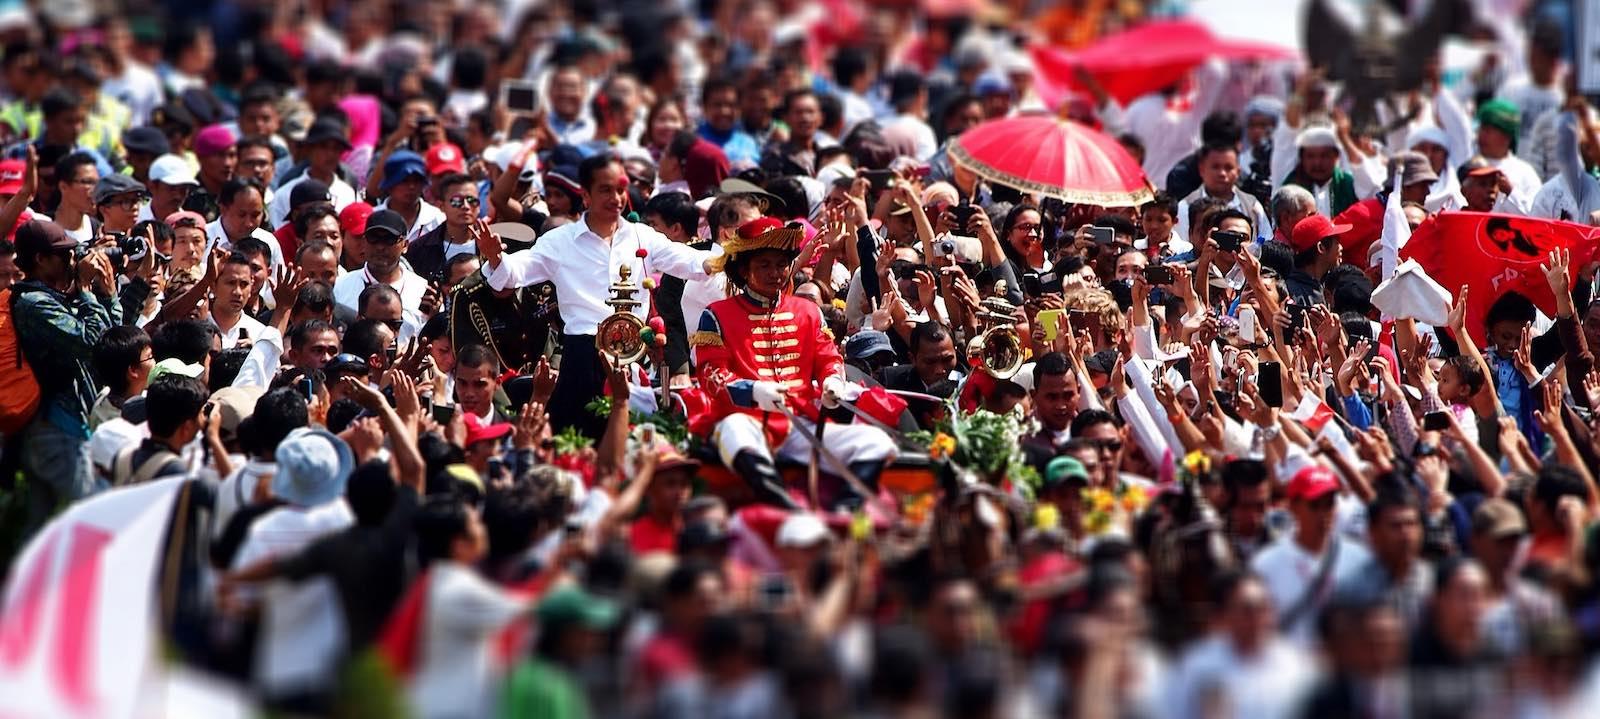 The 2014 inauguration of Joko Widodo (Photo: Kreshna Aditya 2012/Flickr)